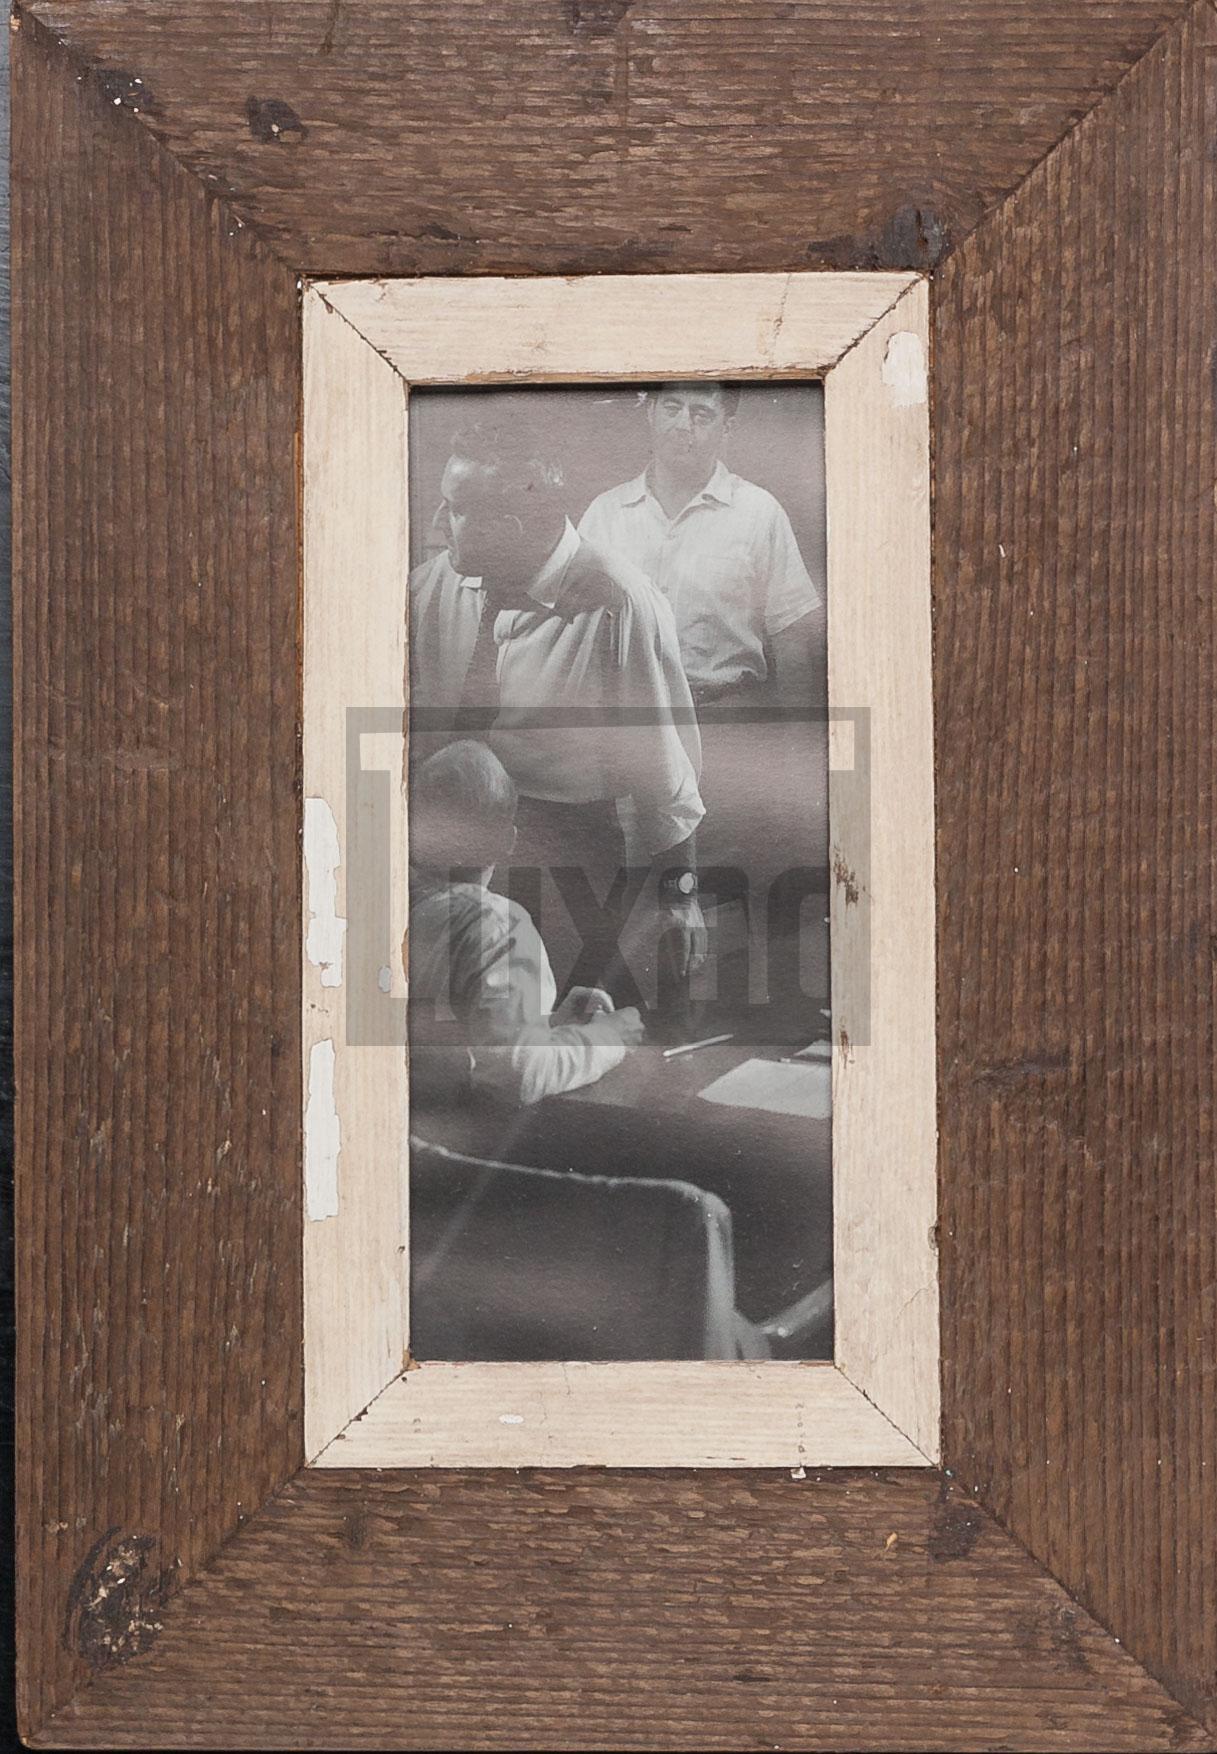 Panorama-Bilderrahmen aus altem Holz von der Luna Design Company